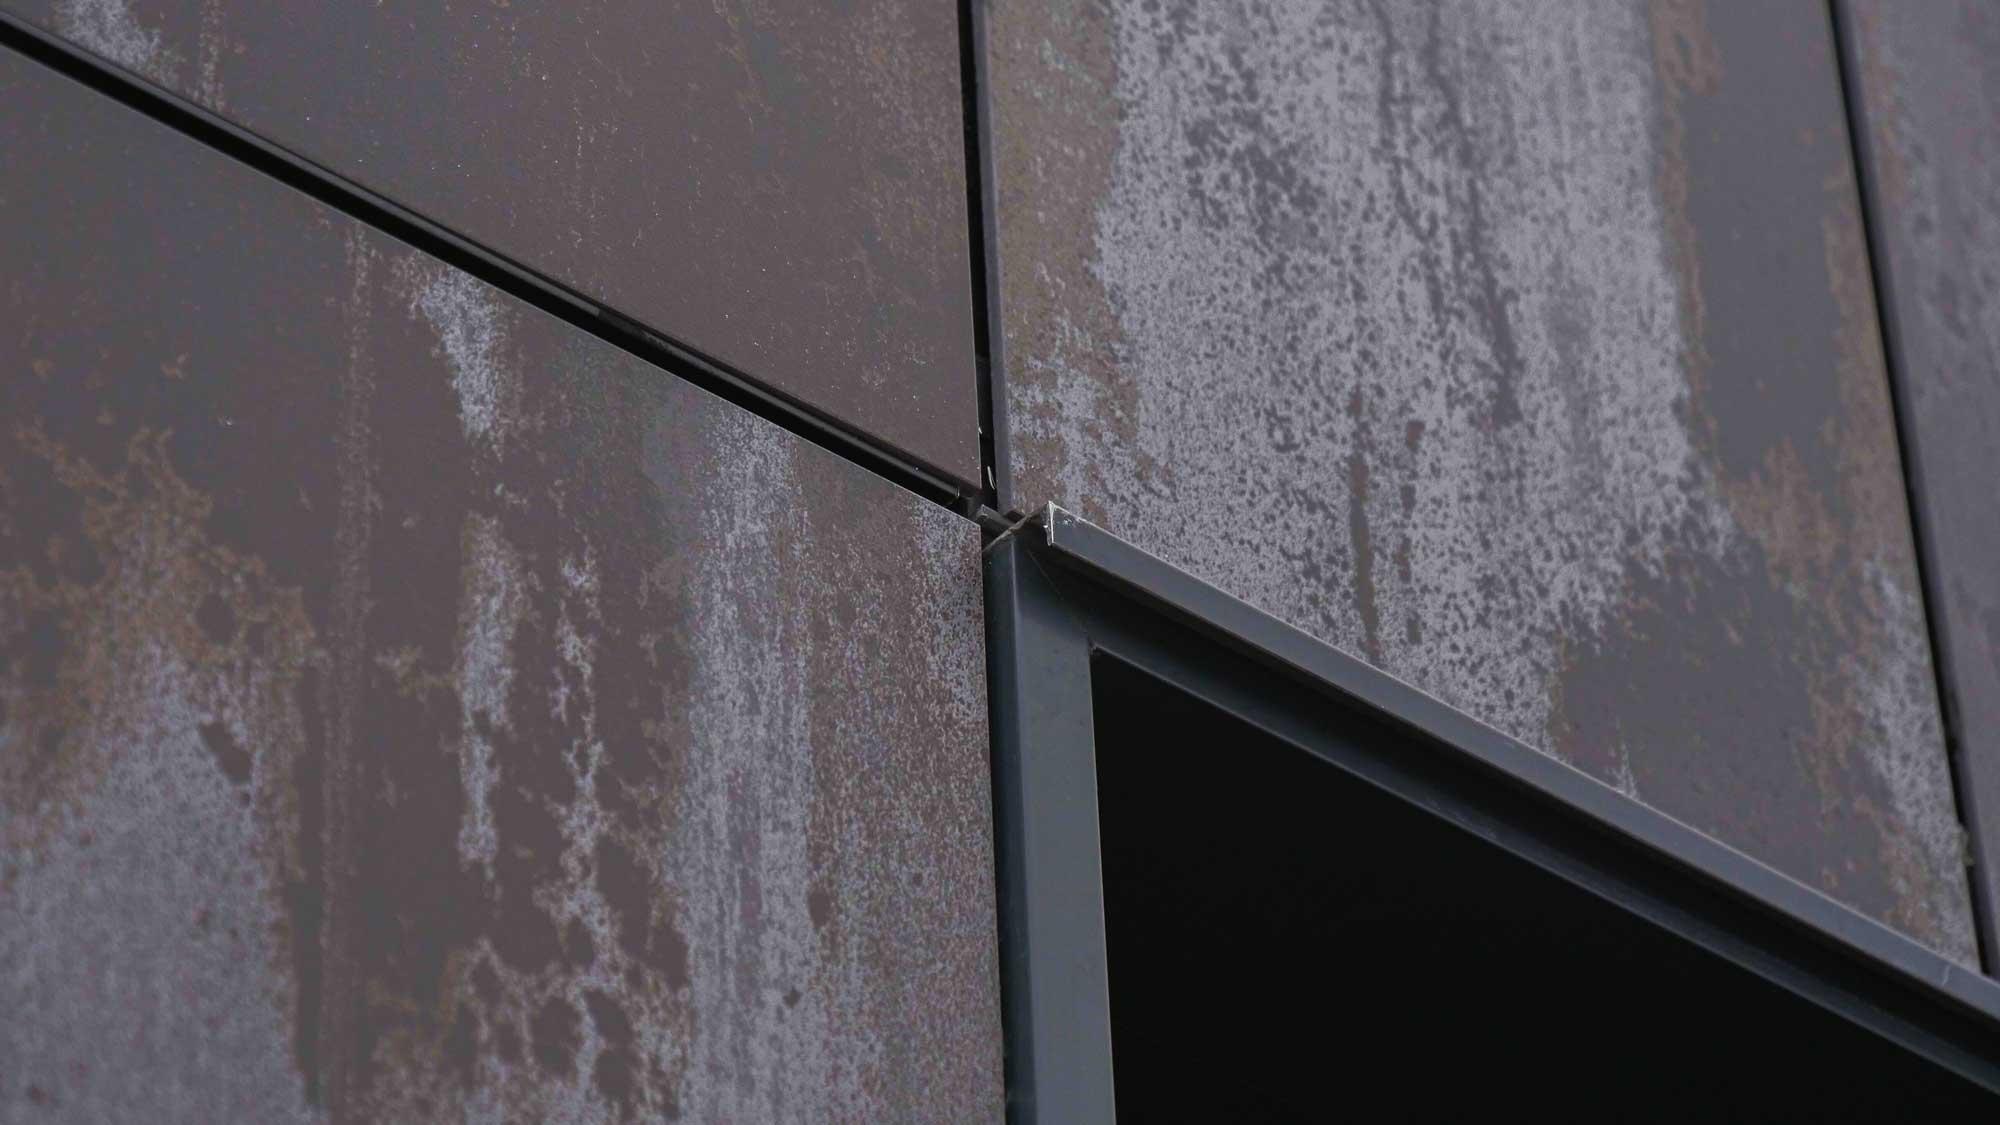 Álava Residential  - Alava Residential 1 55